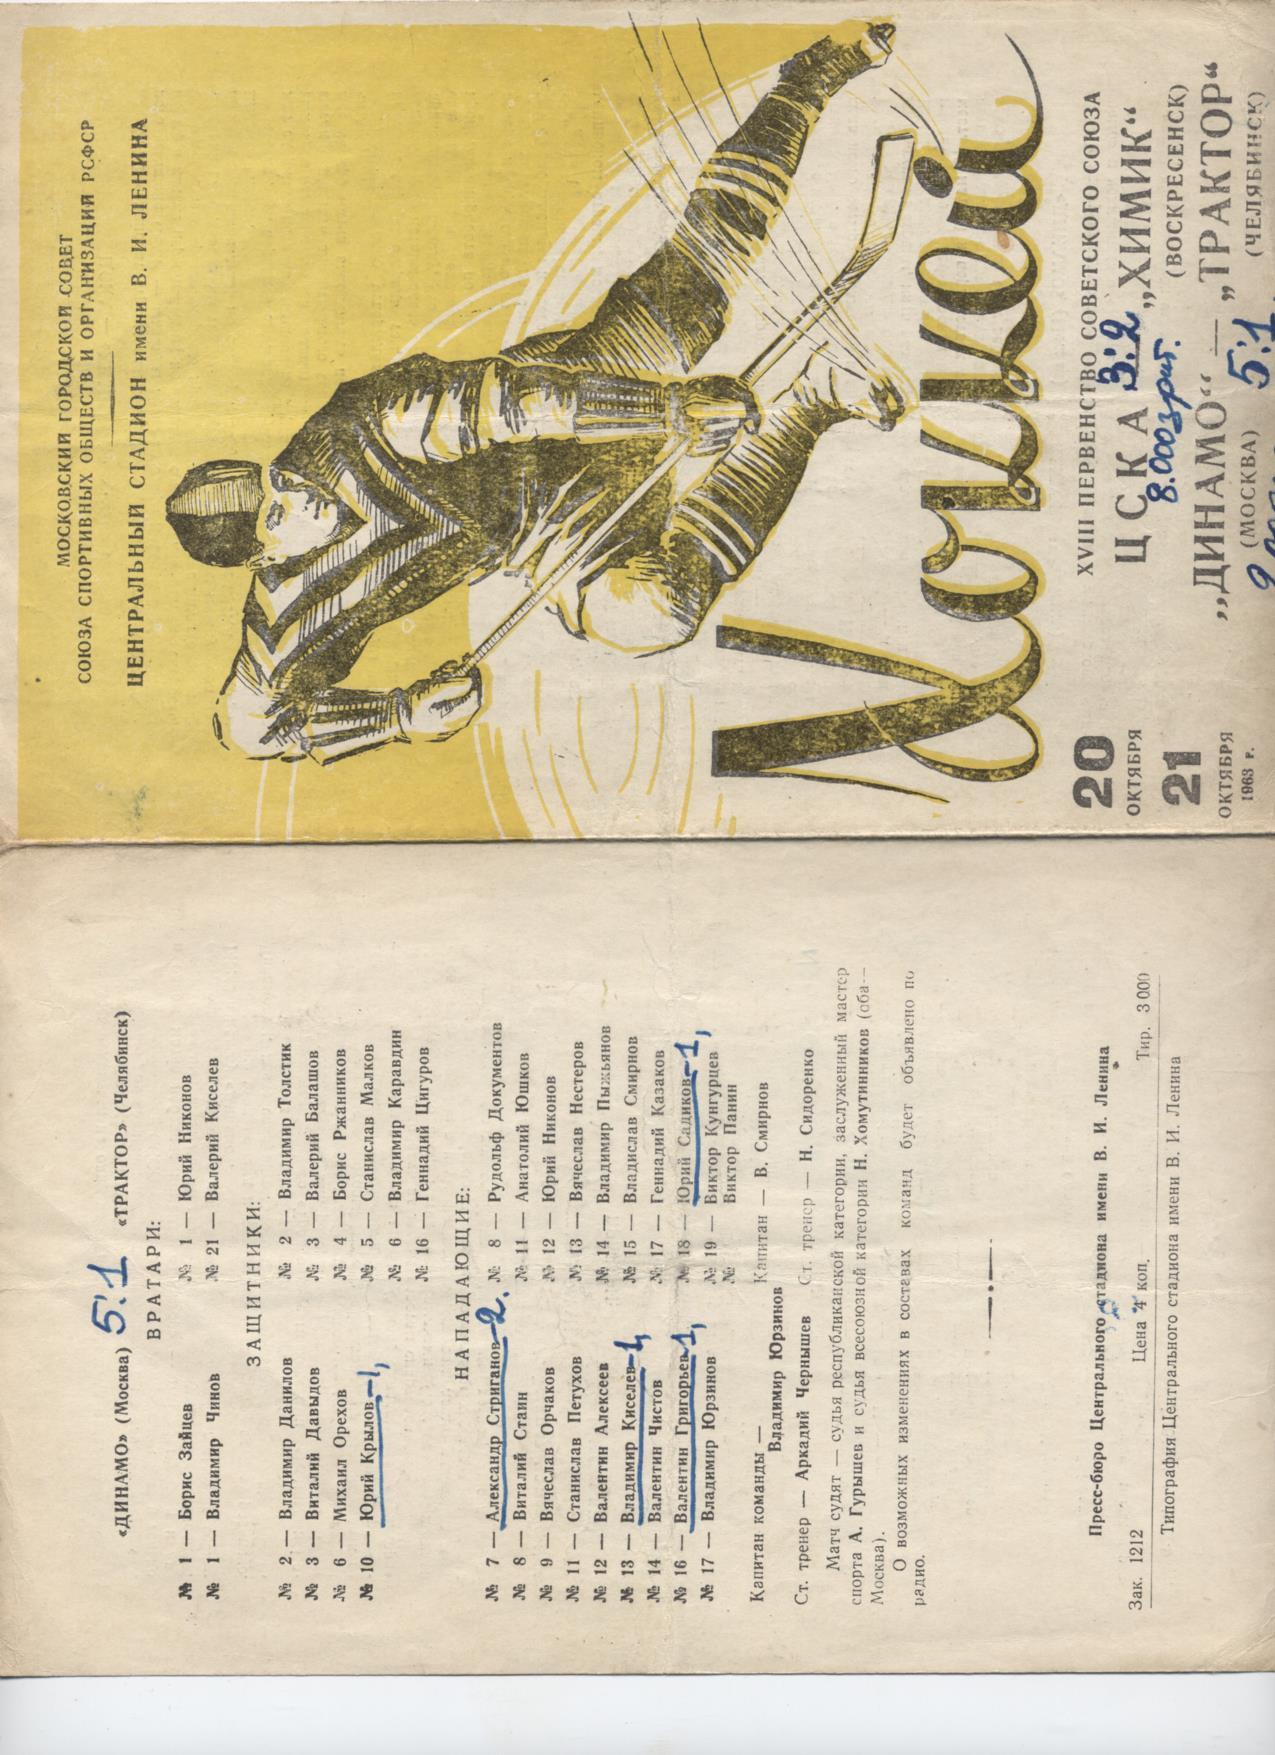 19631020-1.jpg